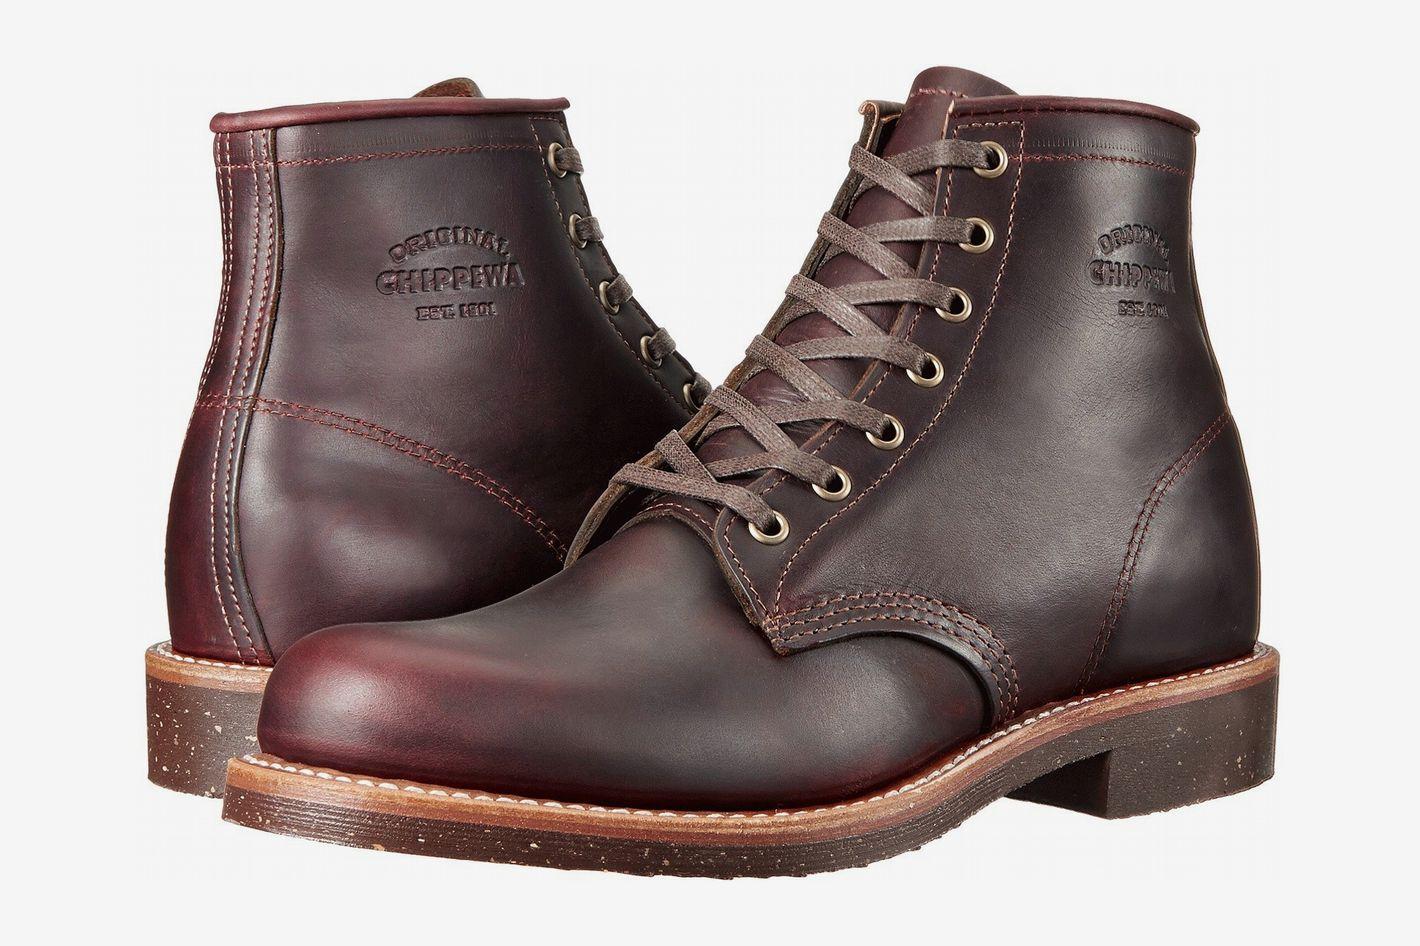 Chippewa Service Boot